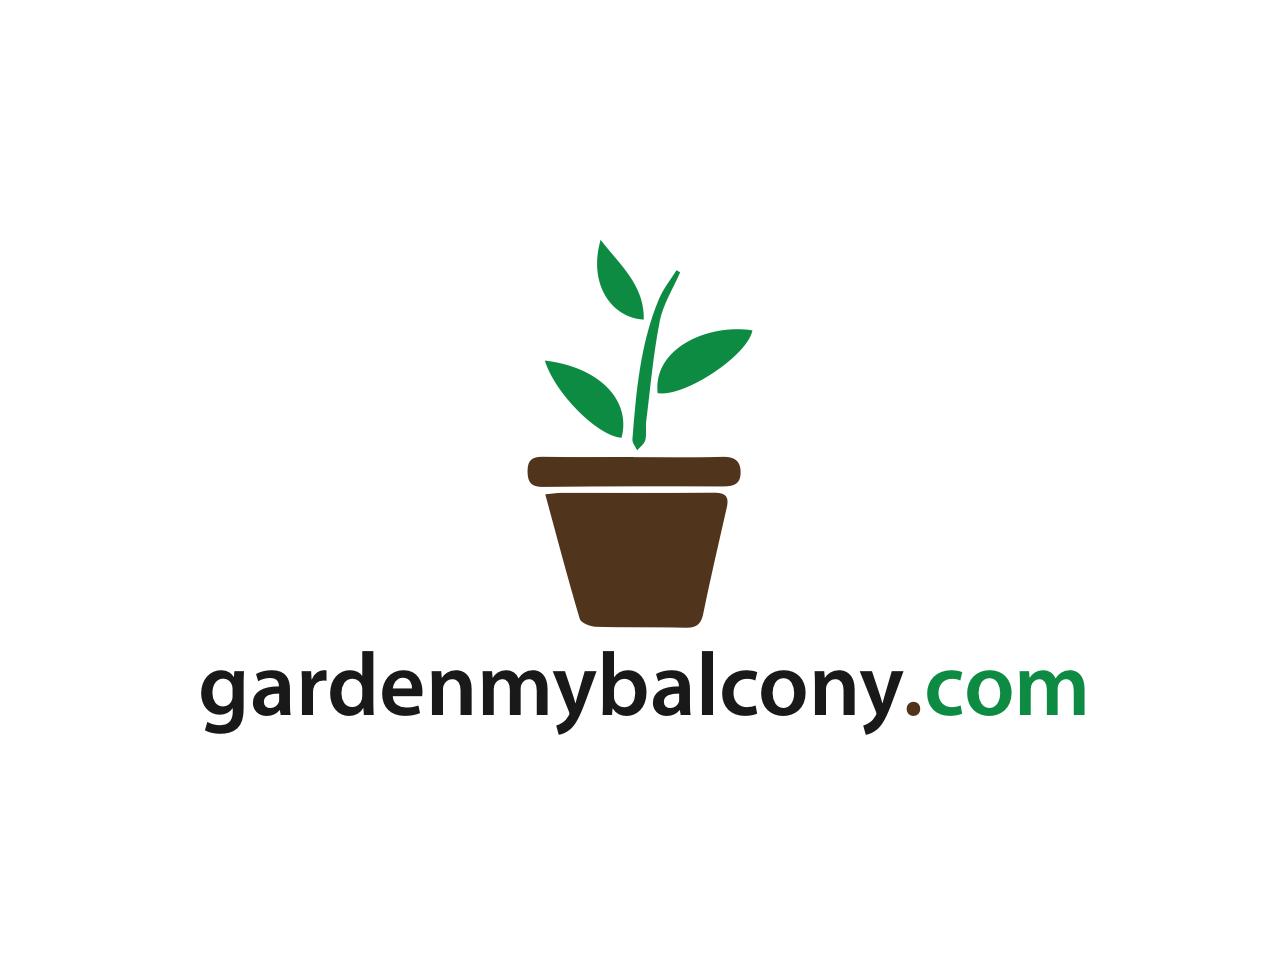 gardenmybalcony-logo